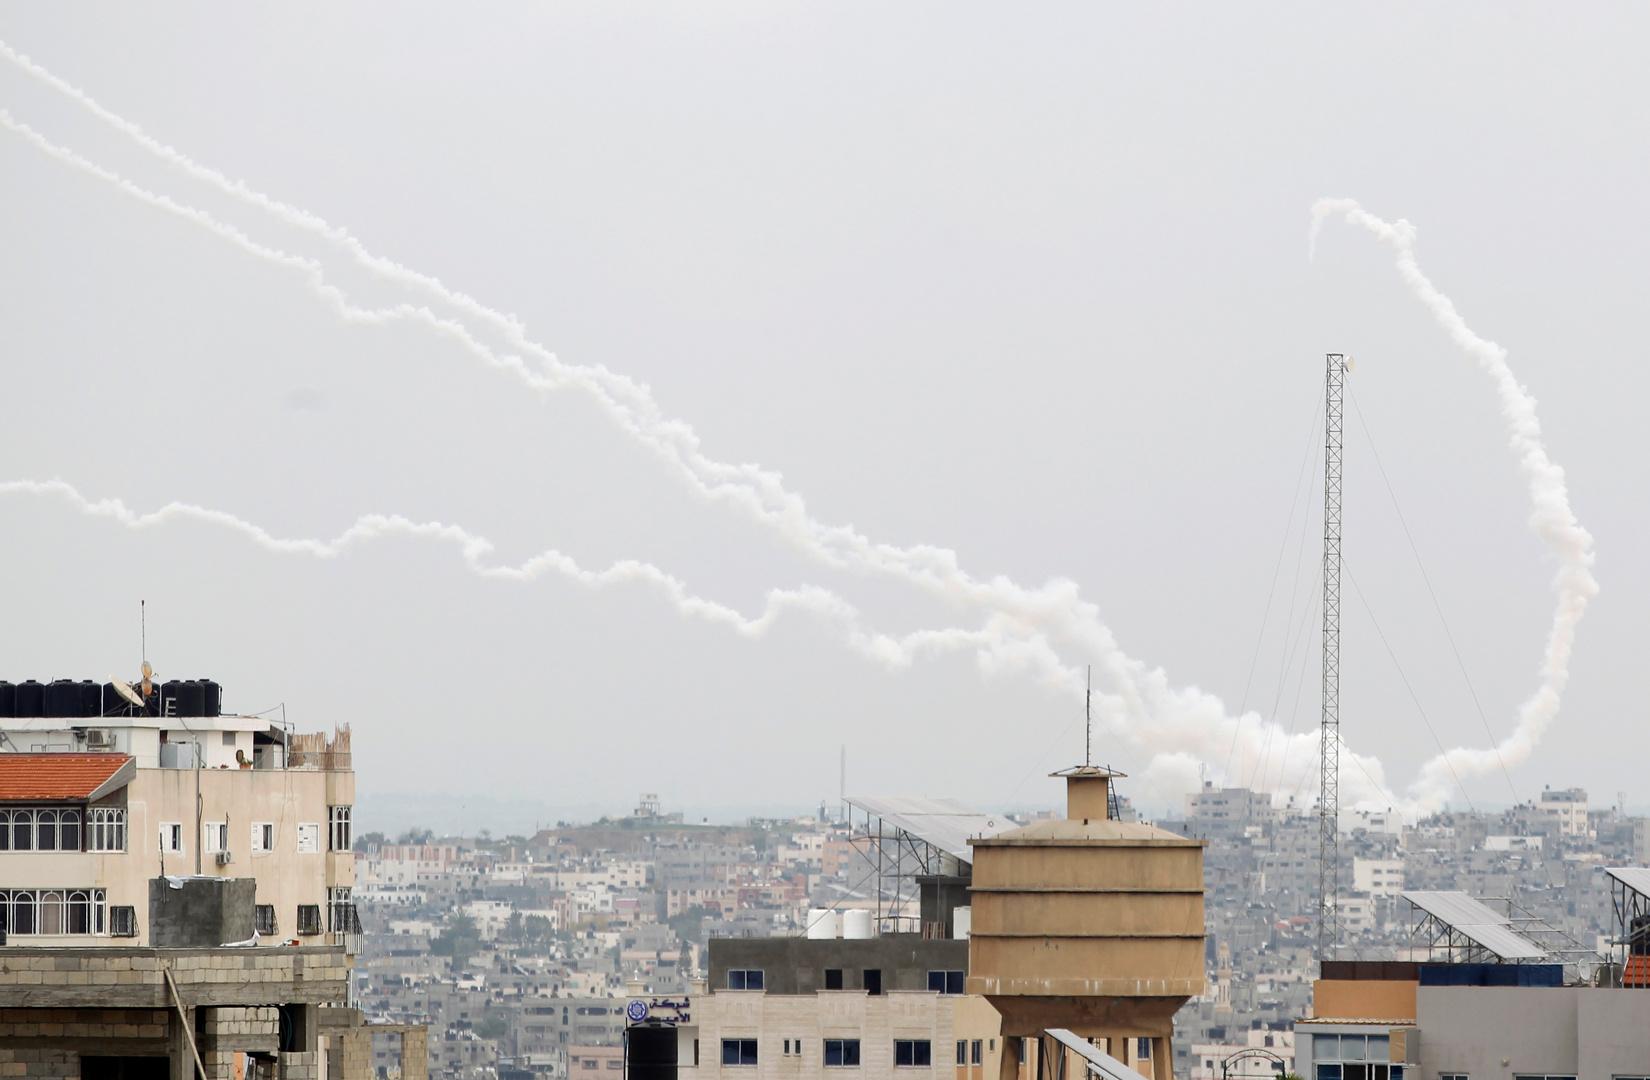 إطلاق صواريخ من قطاع غزة باتجاه إسرائيل